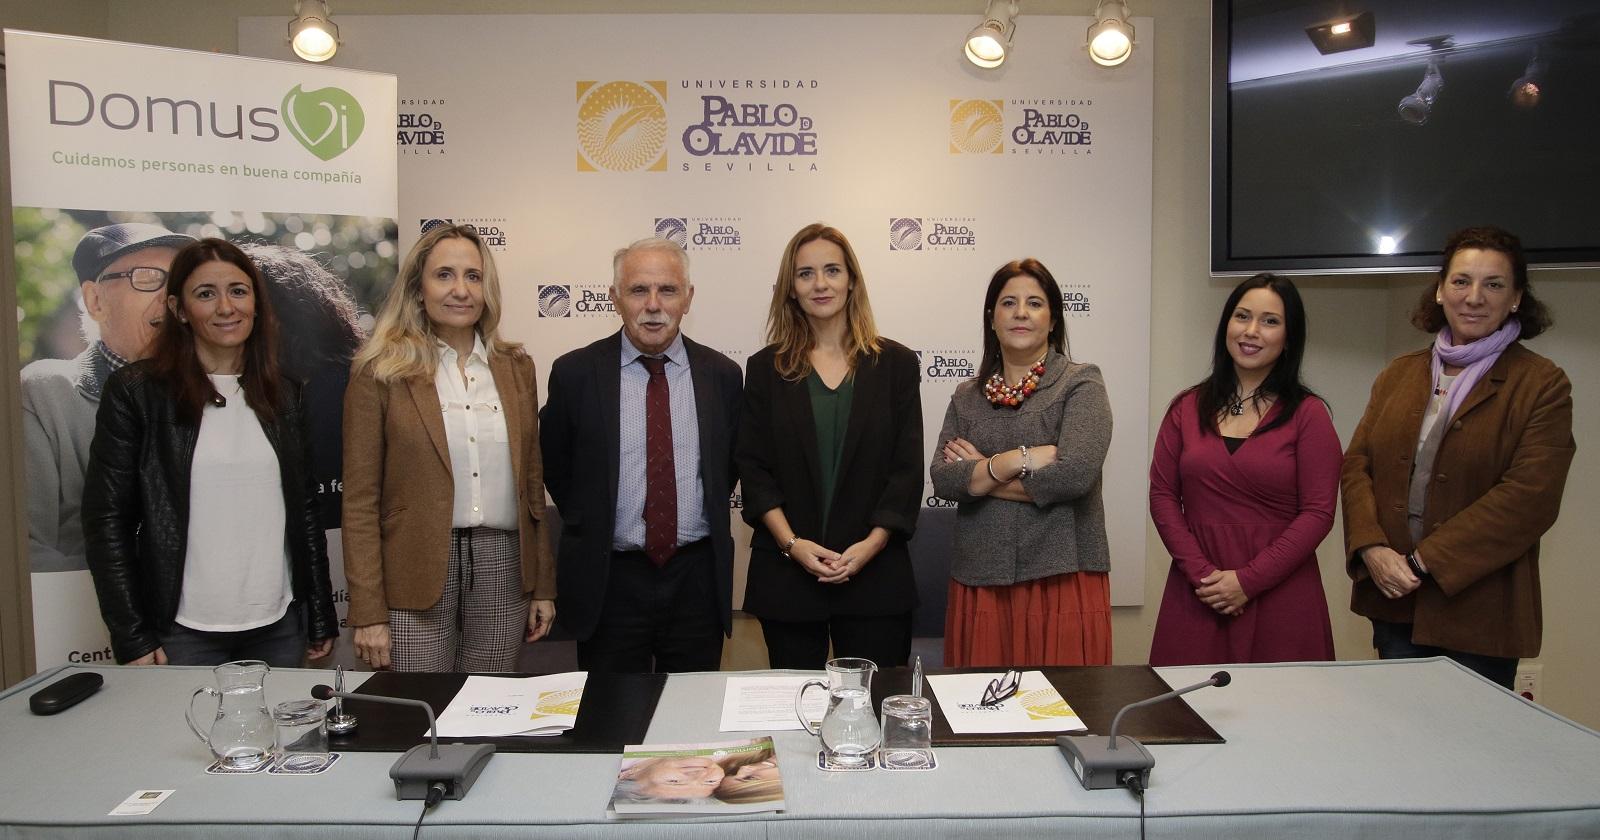 DomusVi y la Universidad Pablo Olavide